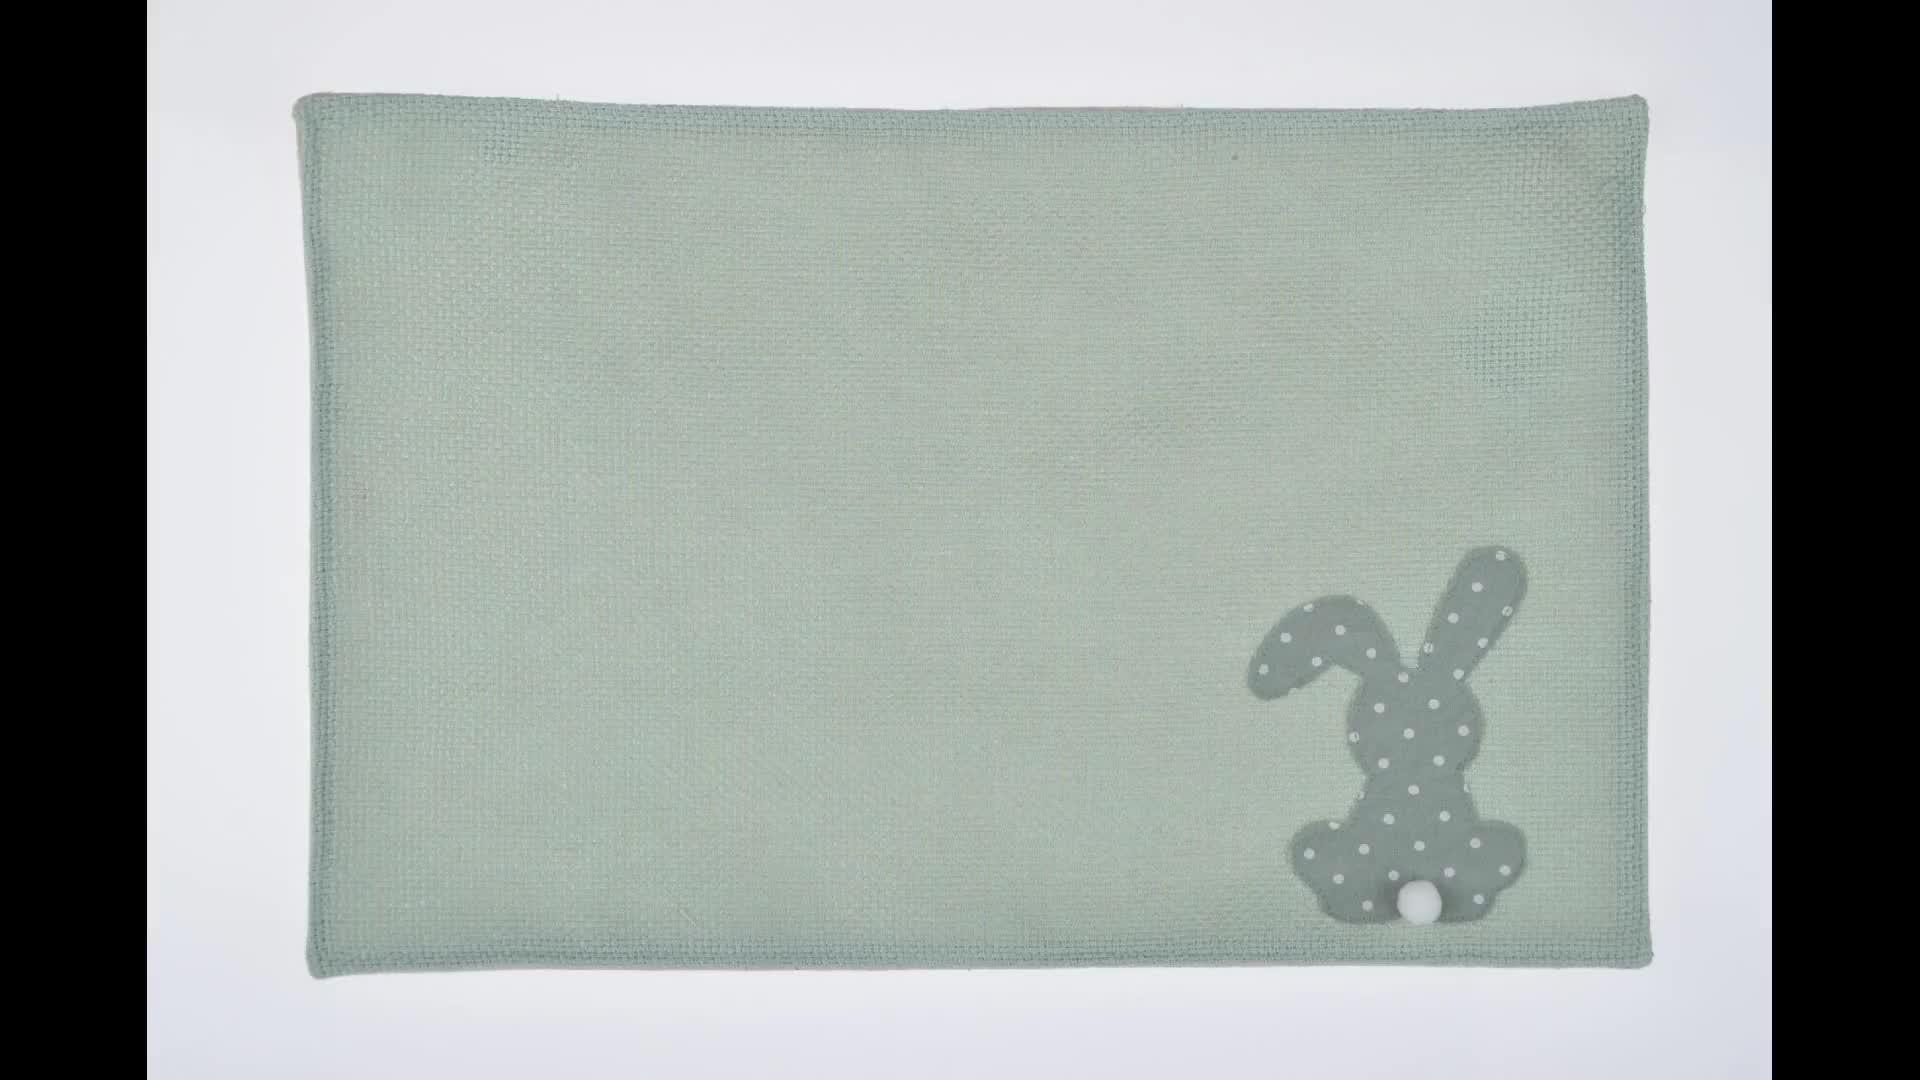 Nuovo prodotto in cina decorazione di pasqua coniglio garland bunting bandiere personalizzabile nursery decor tessuto bunting banner